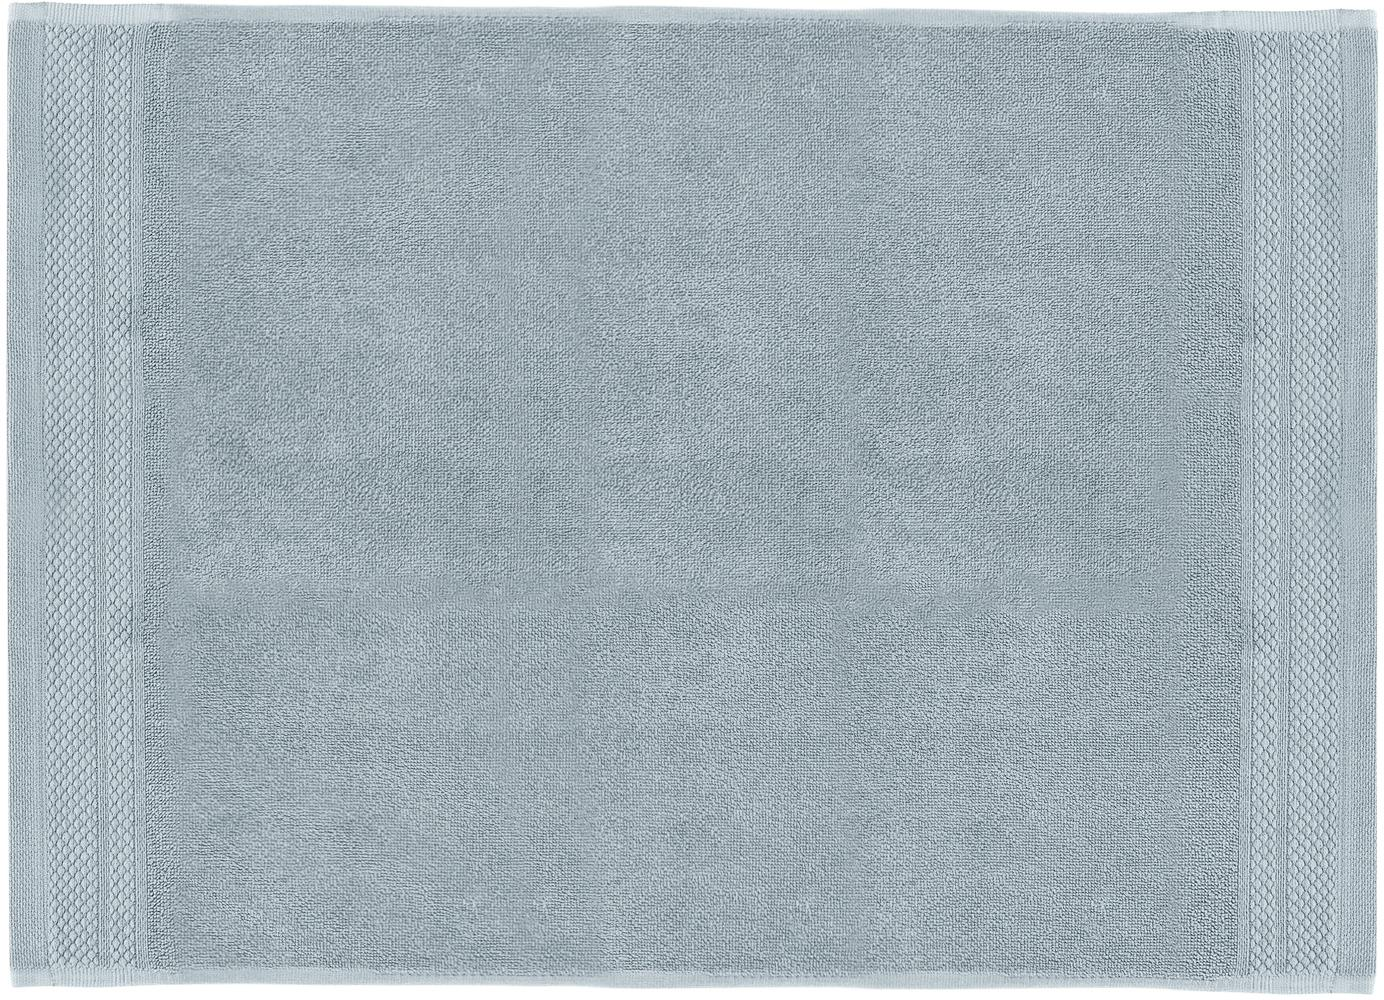 Alfombrilla de baño Premium, antideslizante, 100%algodón Gramaje superior 600g/m², Azul claro, An 50 x L 70 cm